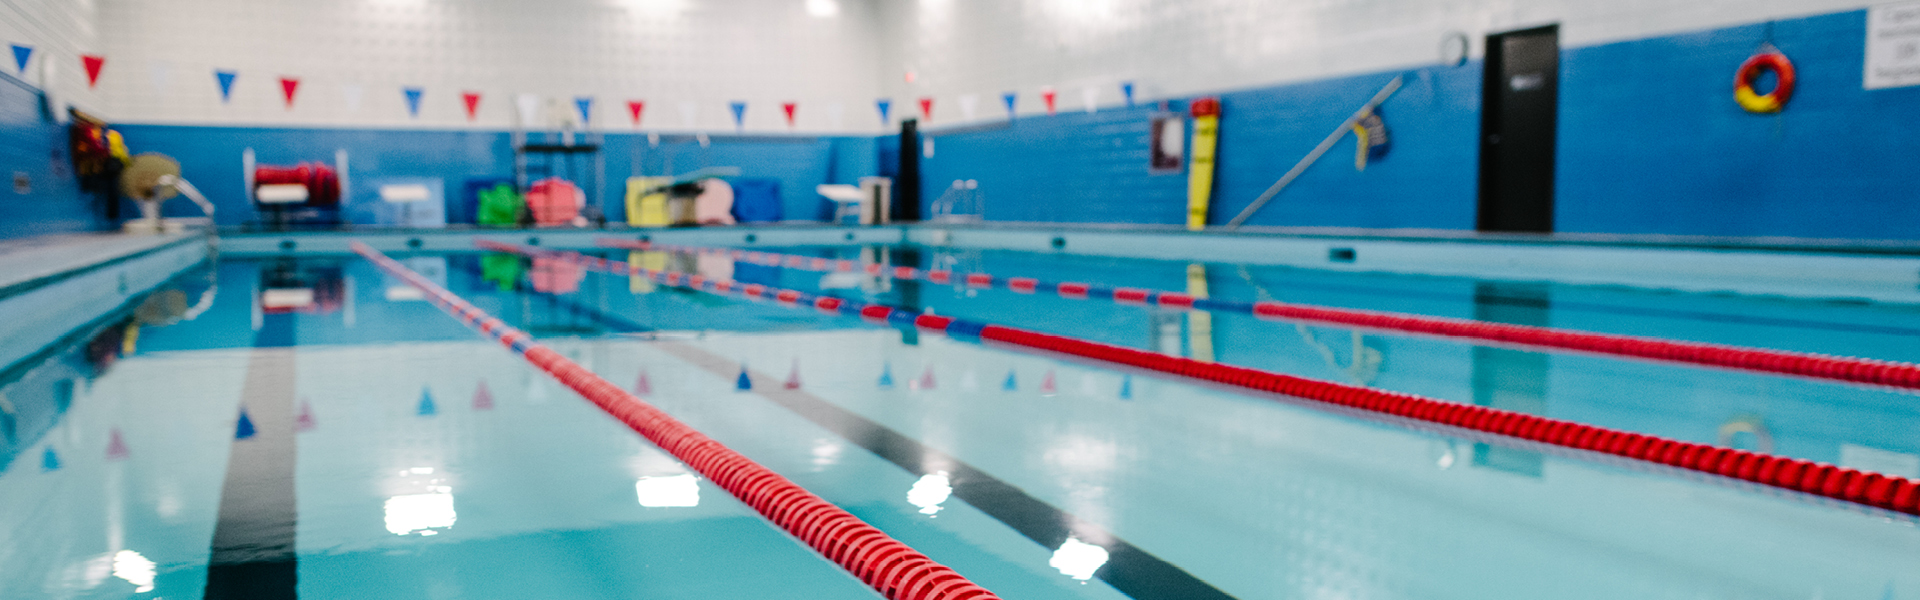 Acc s la piscine uqo universit du qu bec en outaouais for Piscine cours de natation